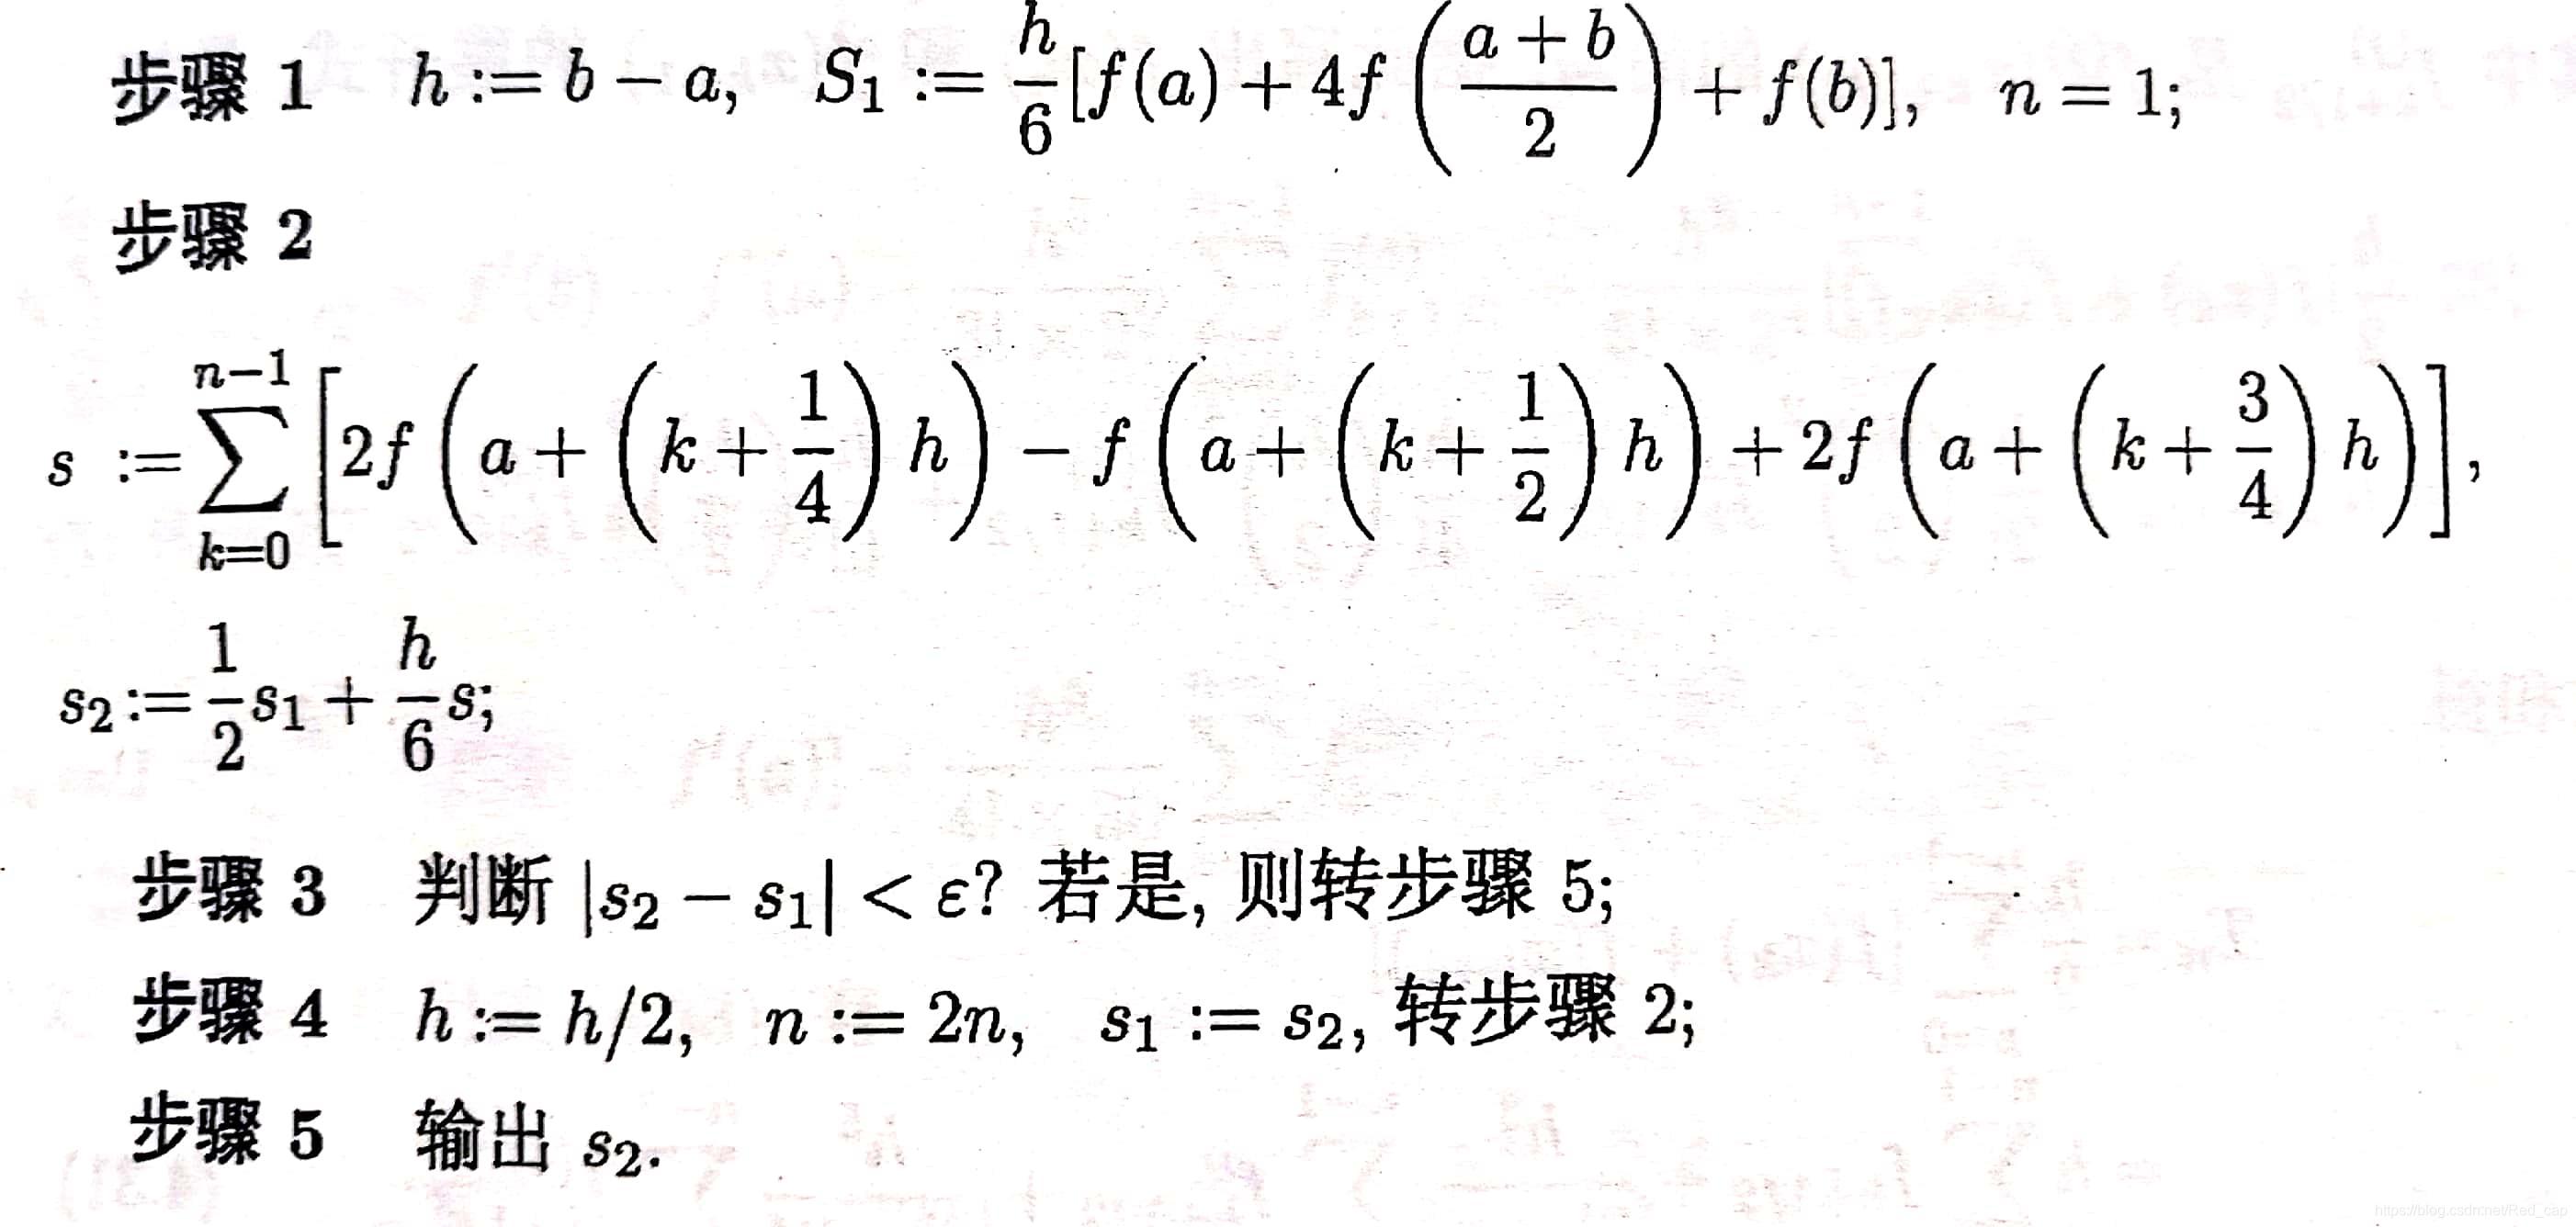 步骤来自《数值与计算方法》黄云清著